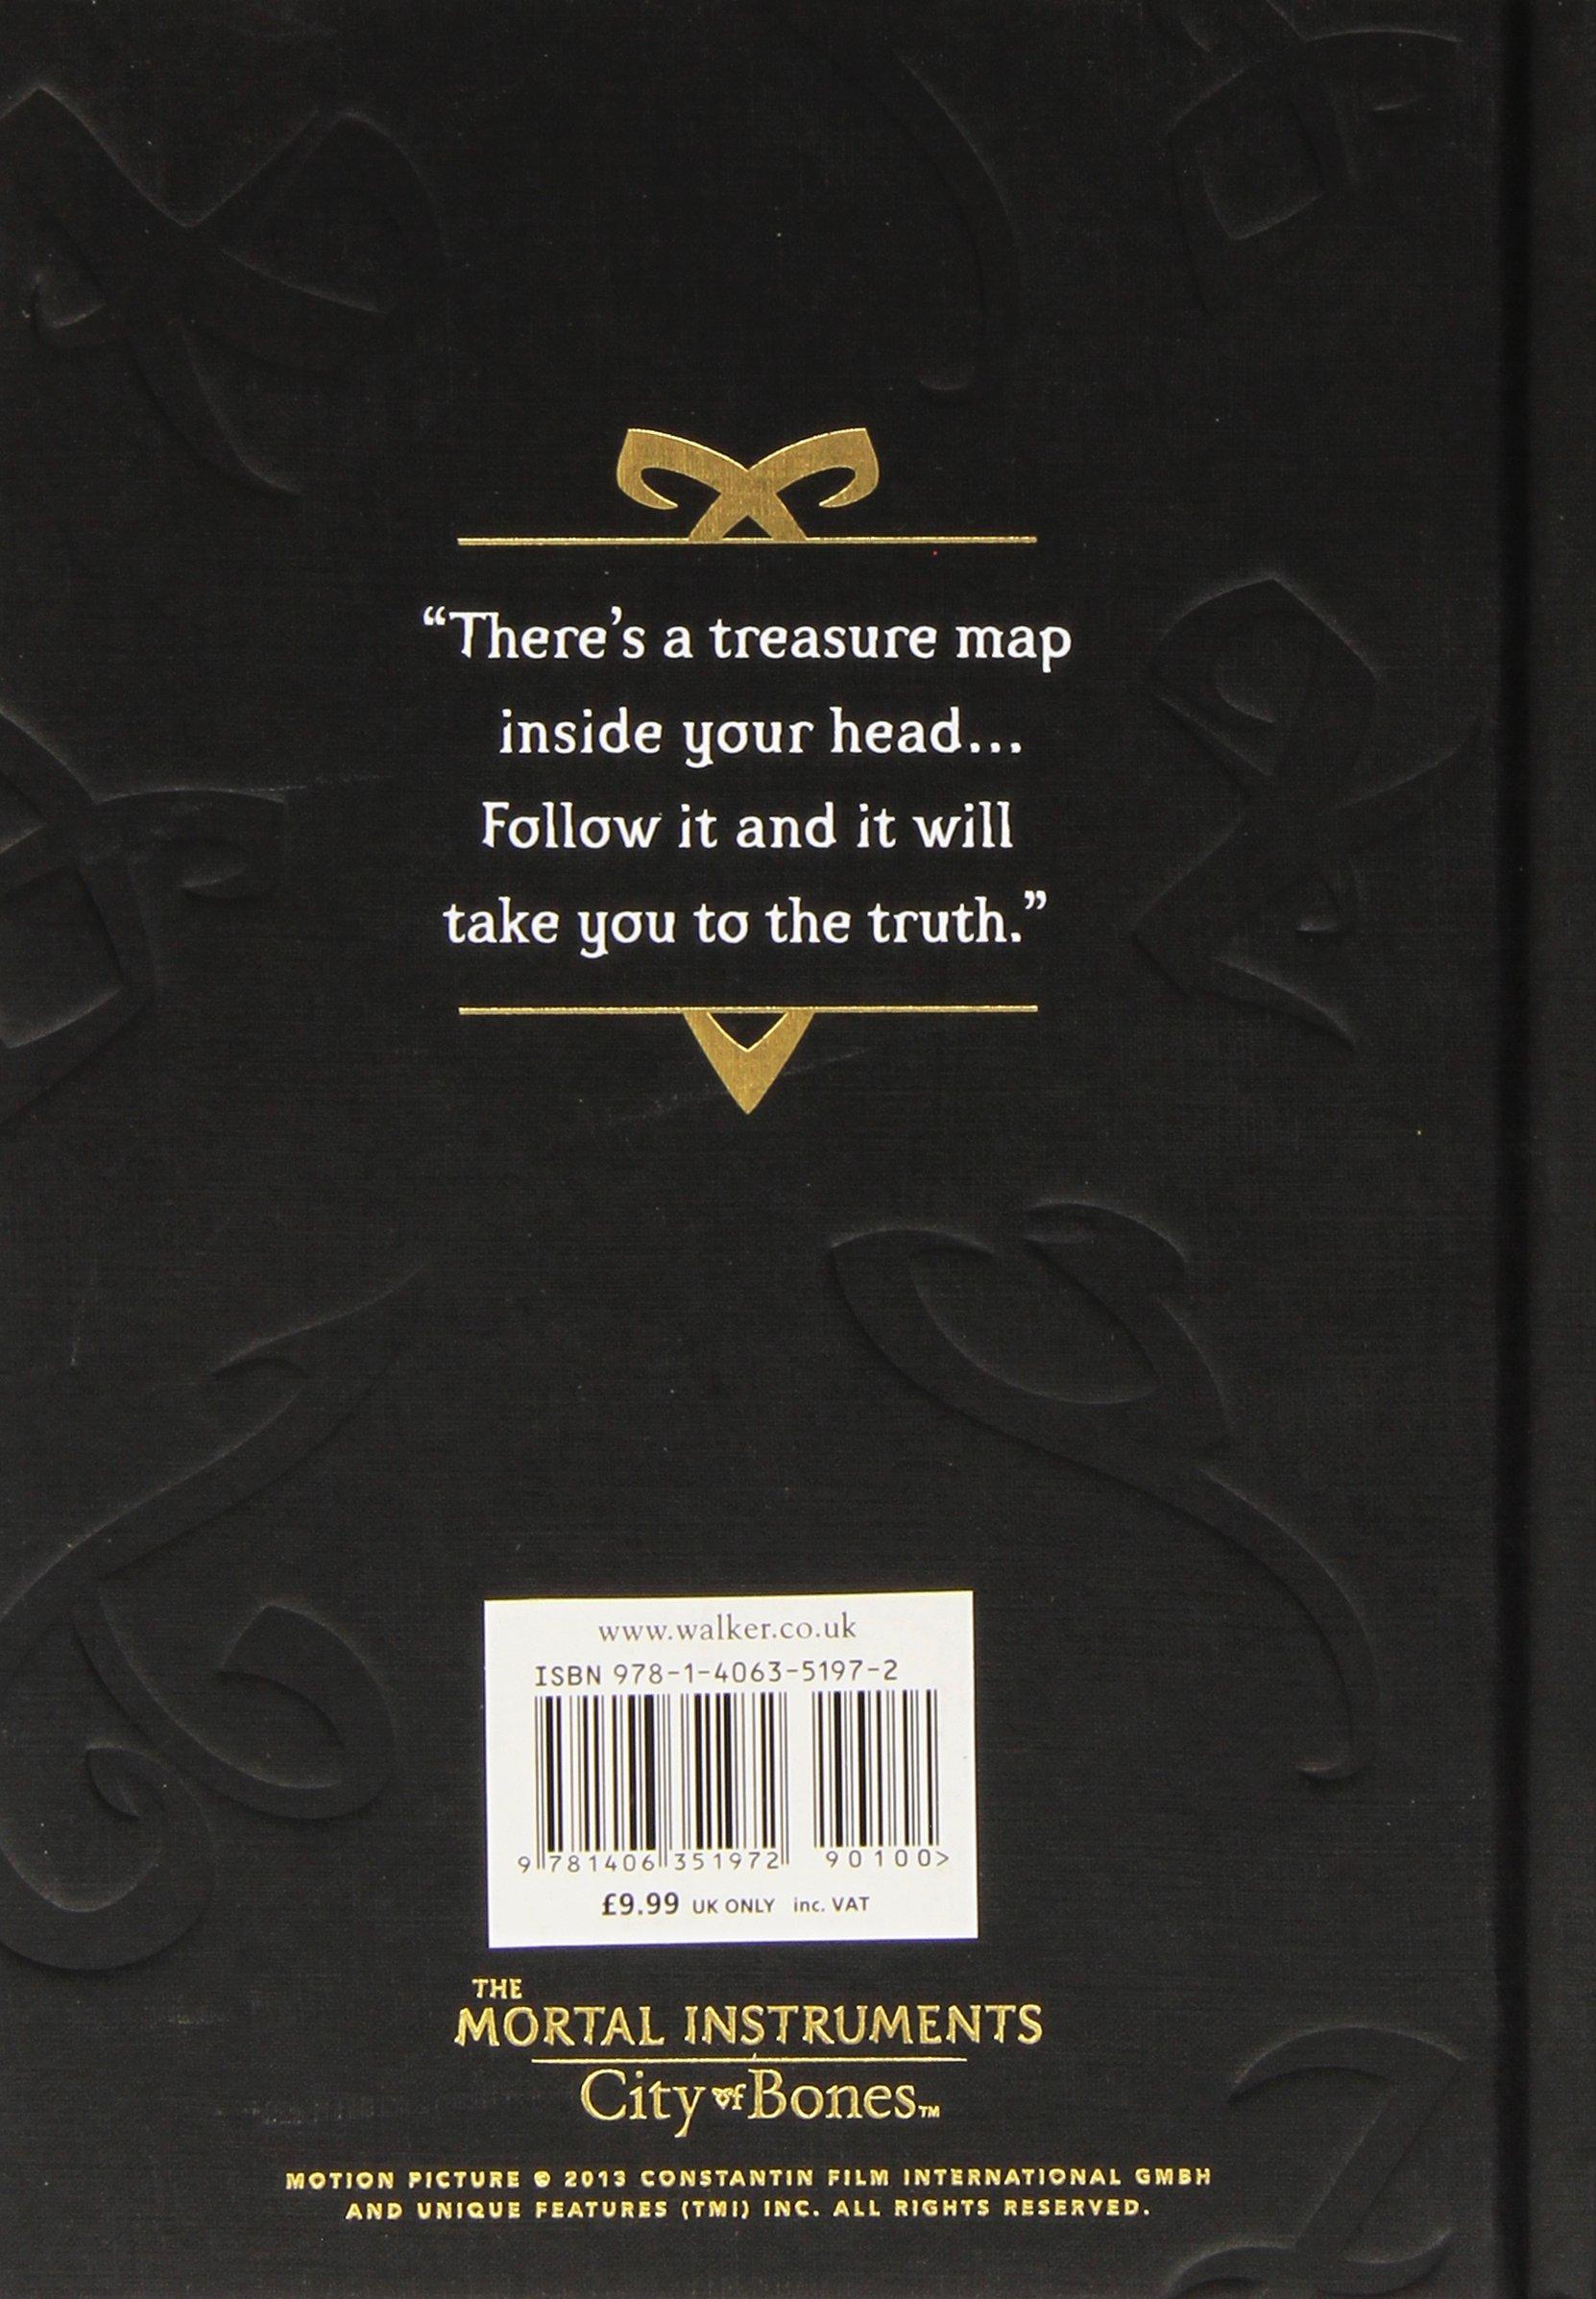 The Mortal Instruments 1 City Of Bones Journal Movie Tie In